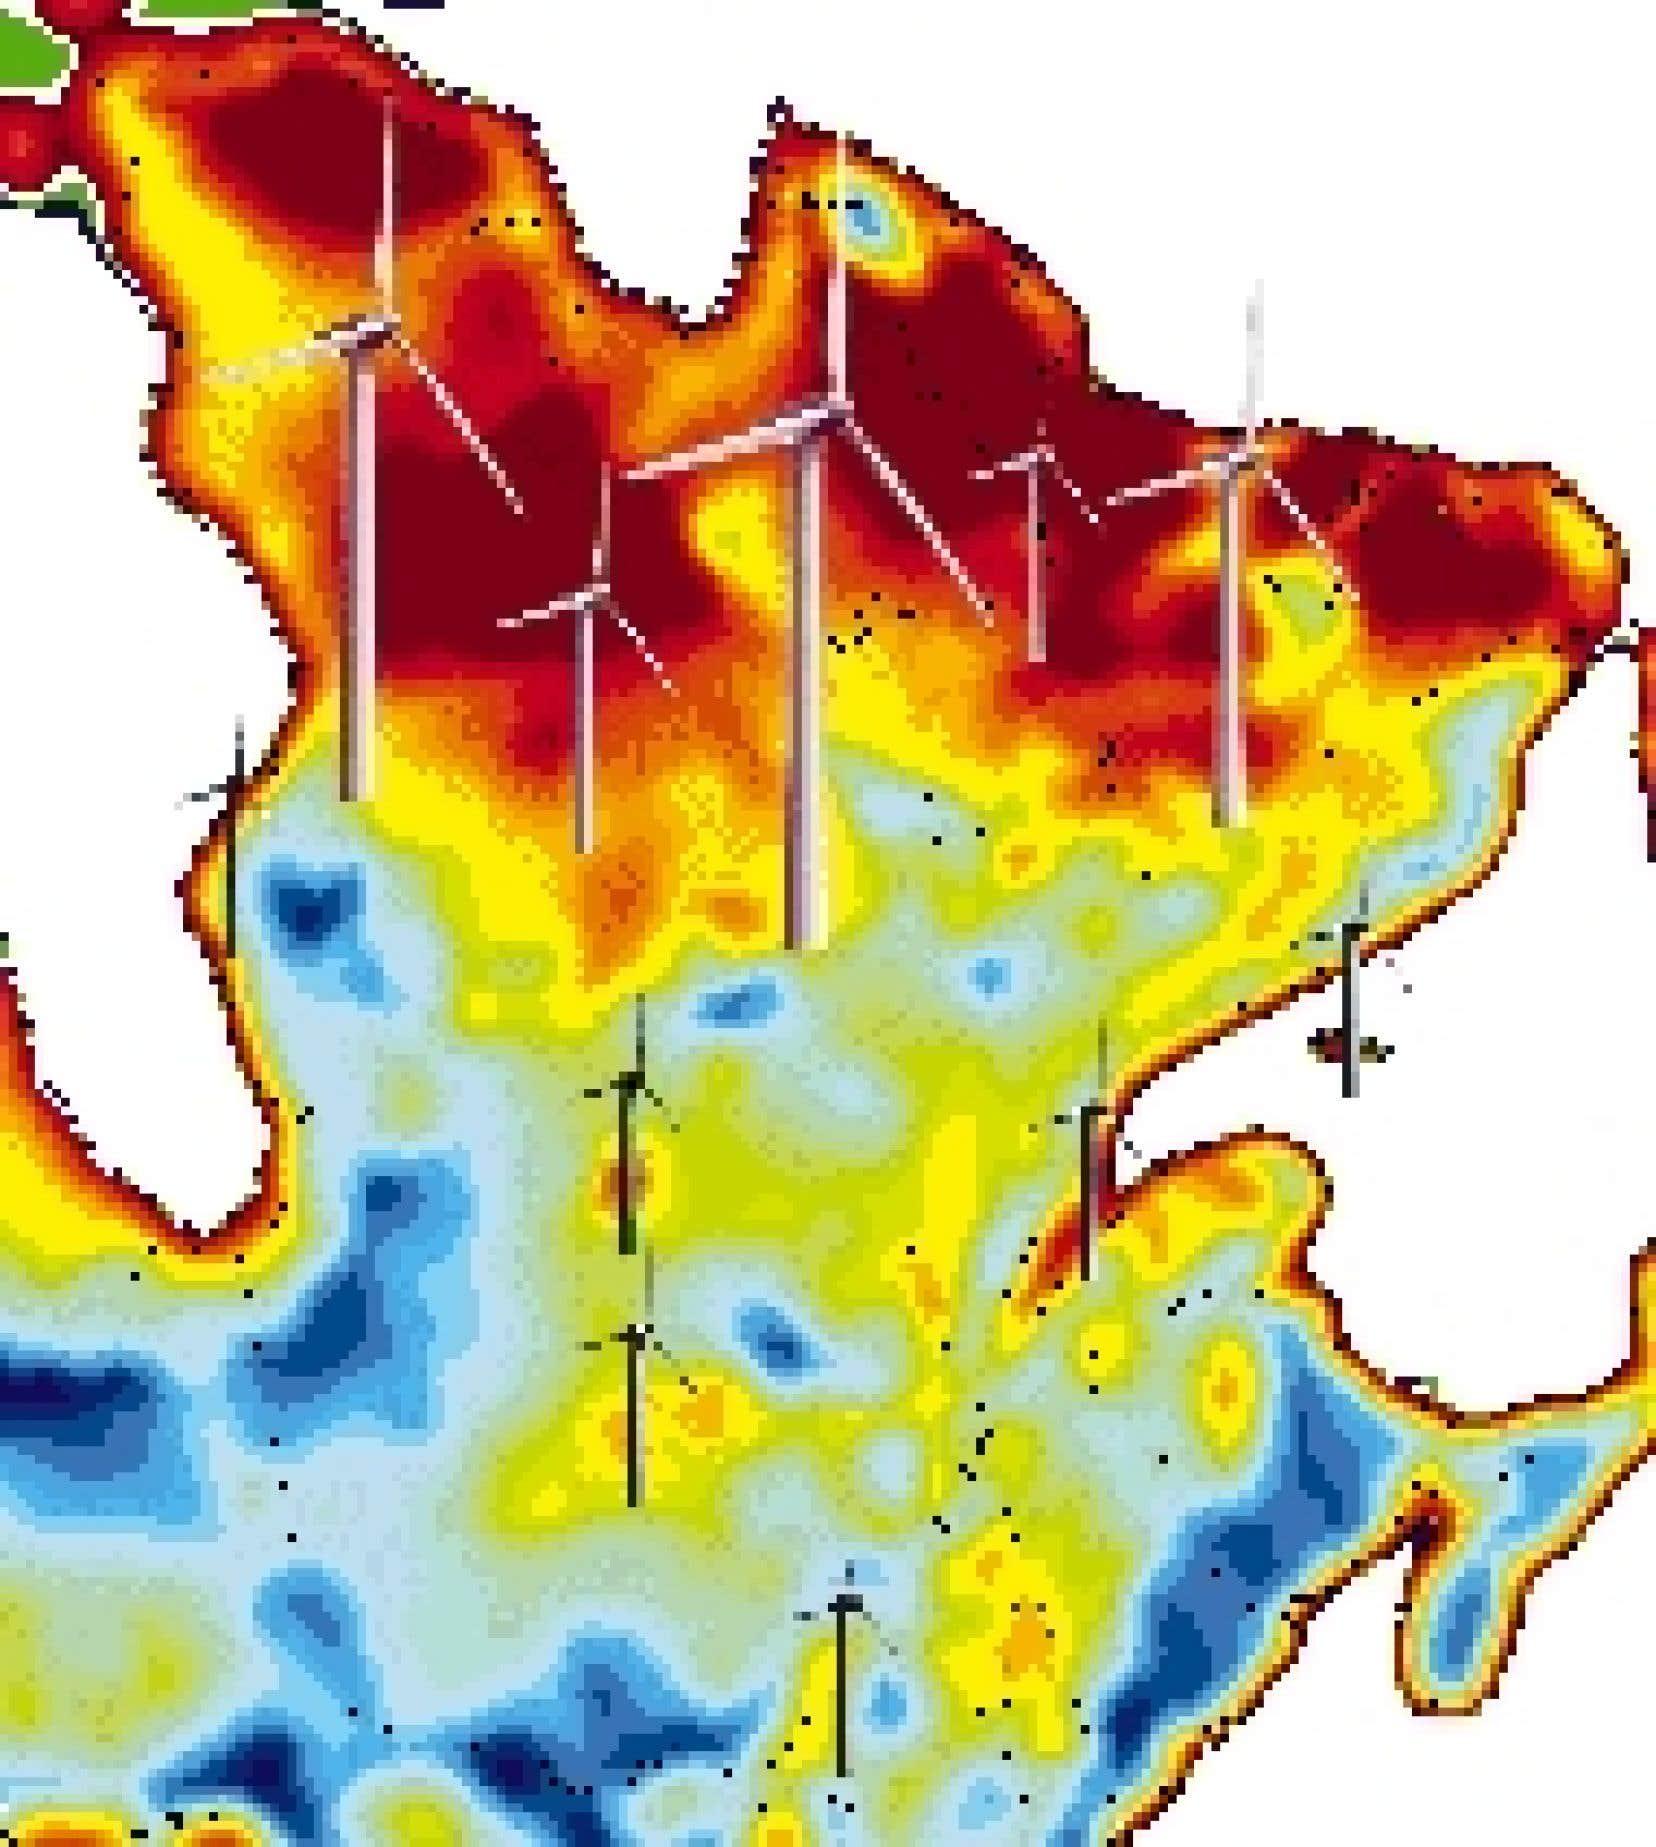 Les trois méga-gisements éoliens relevés par le système WEST d'Environnement Canada sont représentés en rouge foncé sur cette carte. Les régions les plus venteuses sont en rouge.